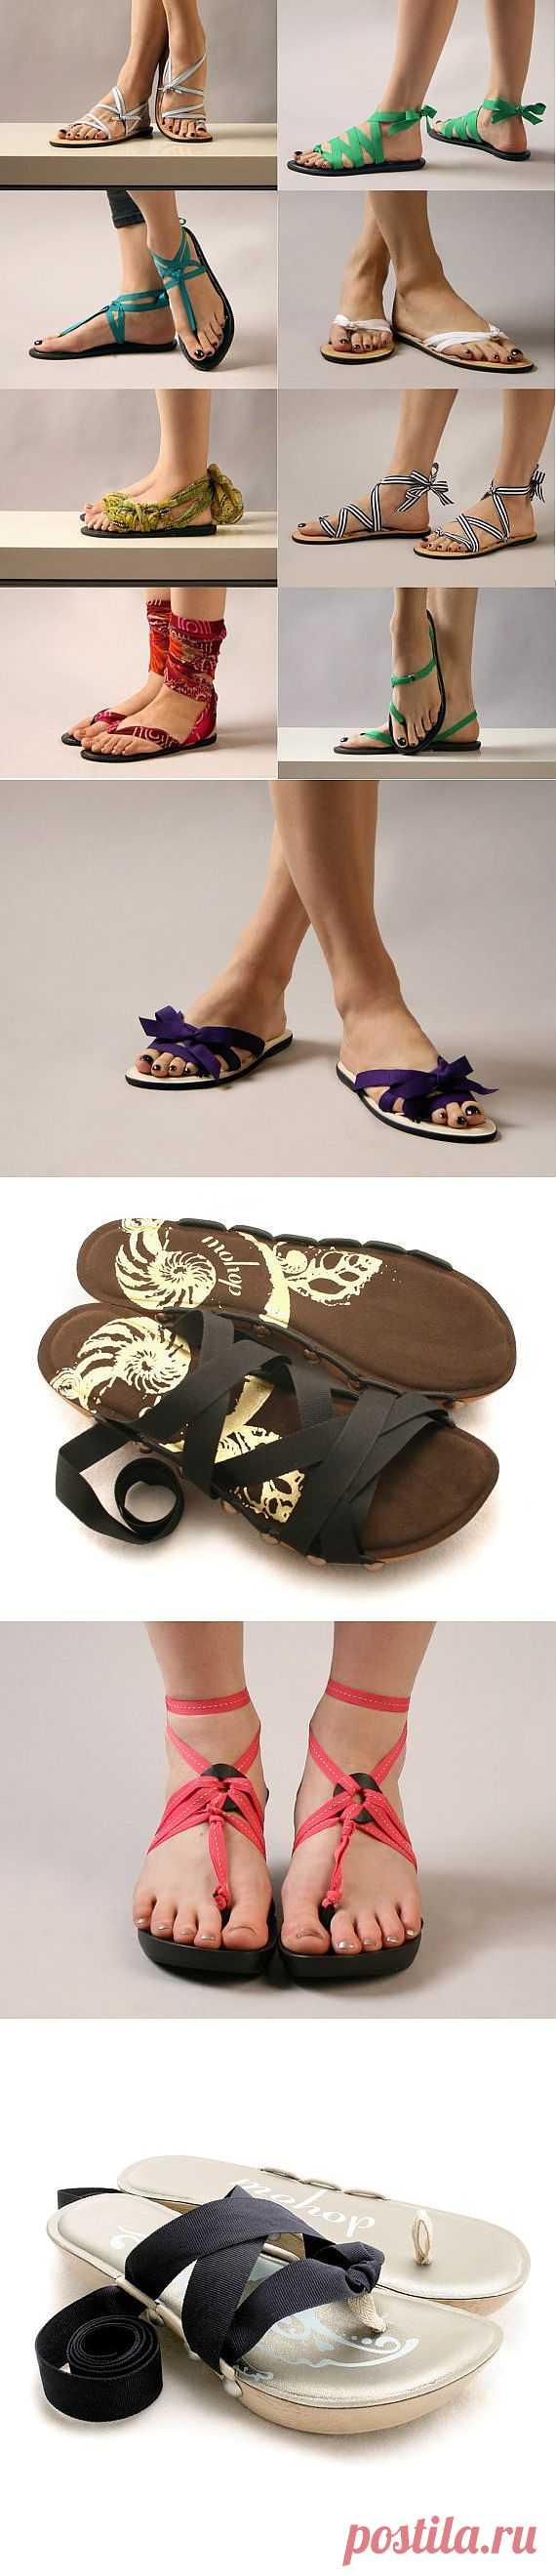 Гениальная идея переделки сланцев / Обувь / Модный сайт о стильной переделке одежды и интерьера